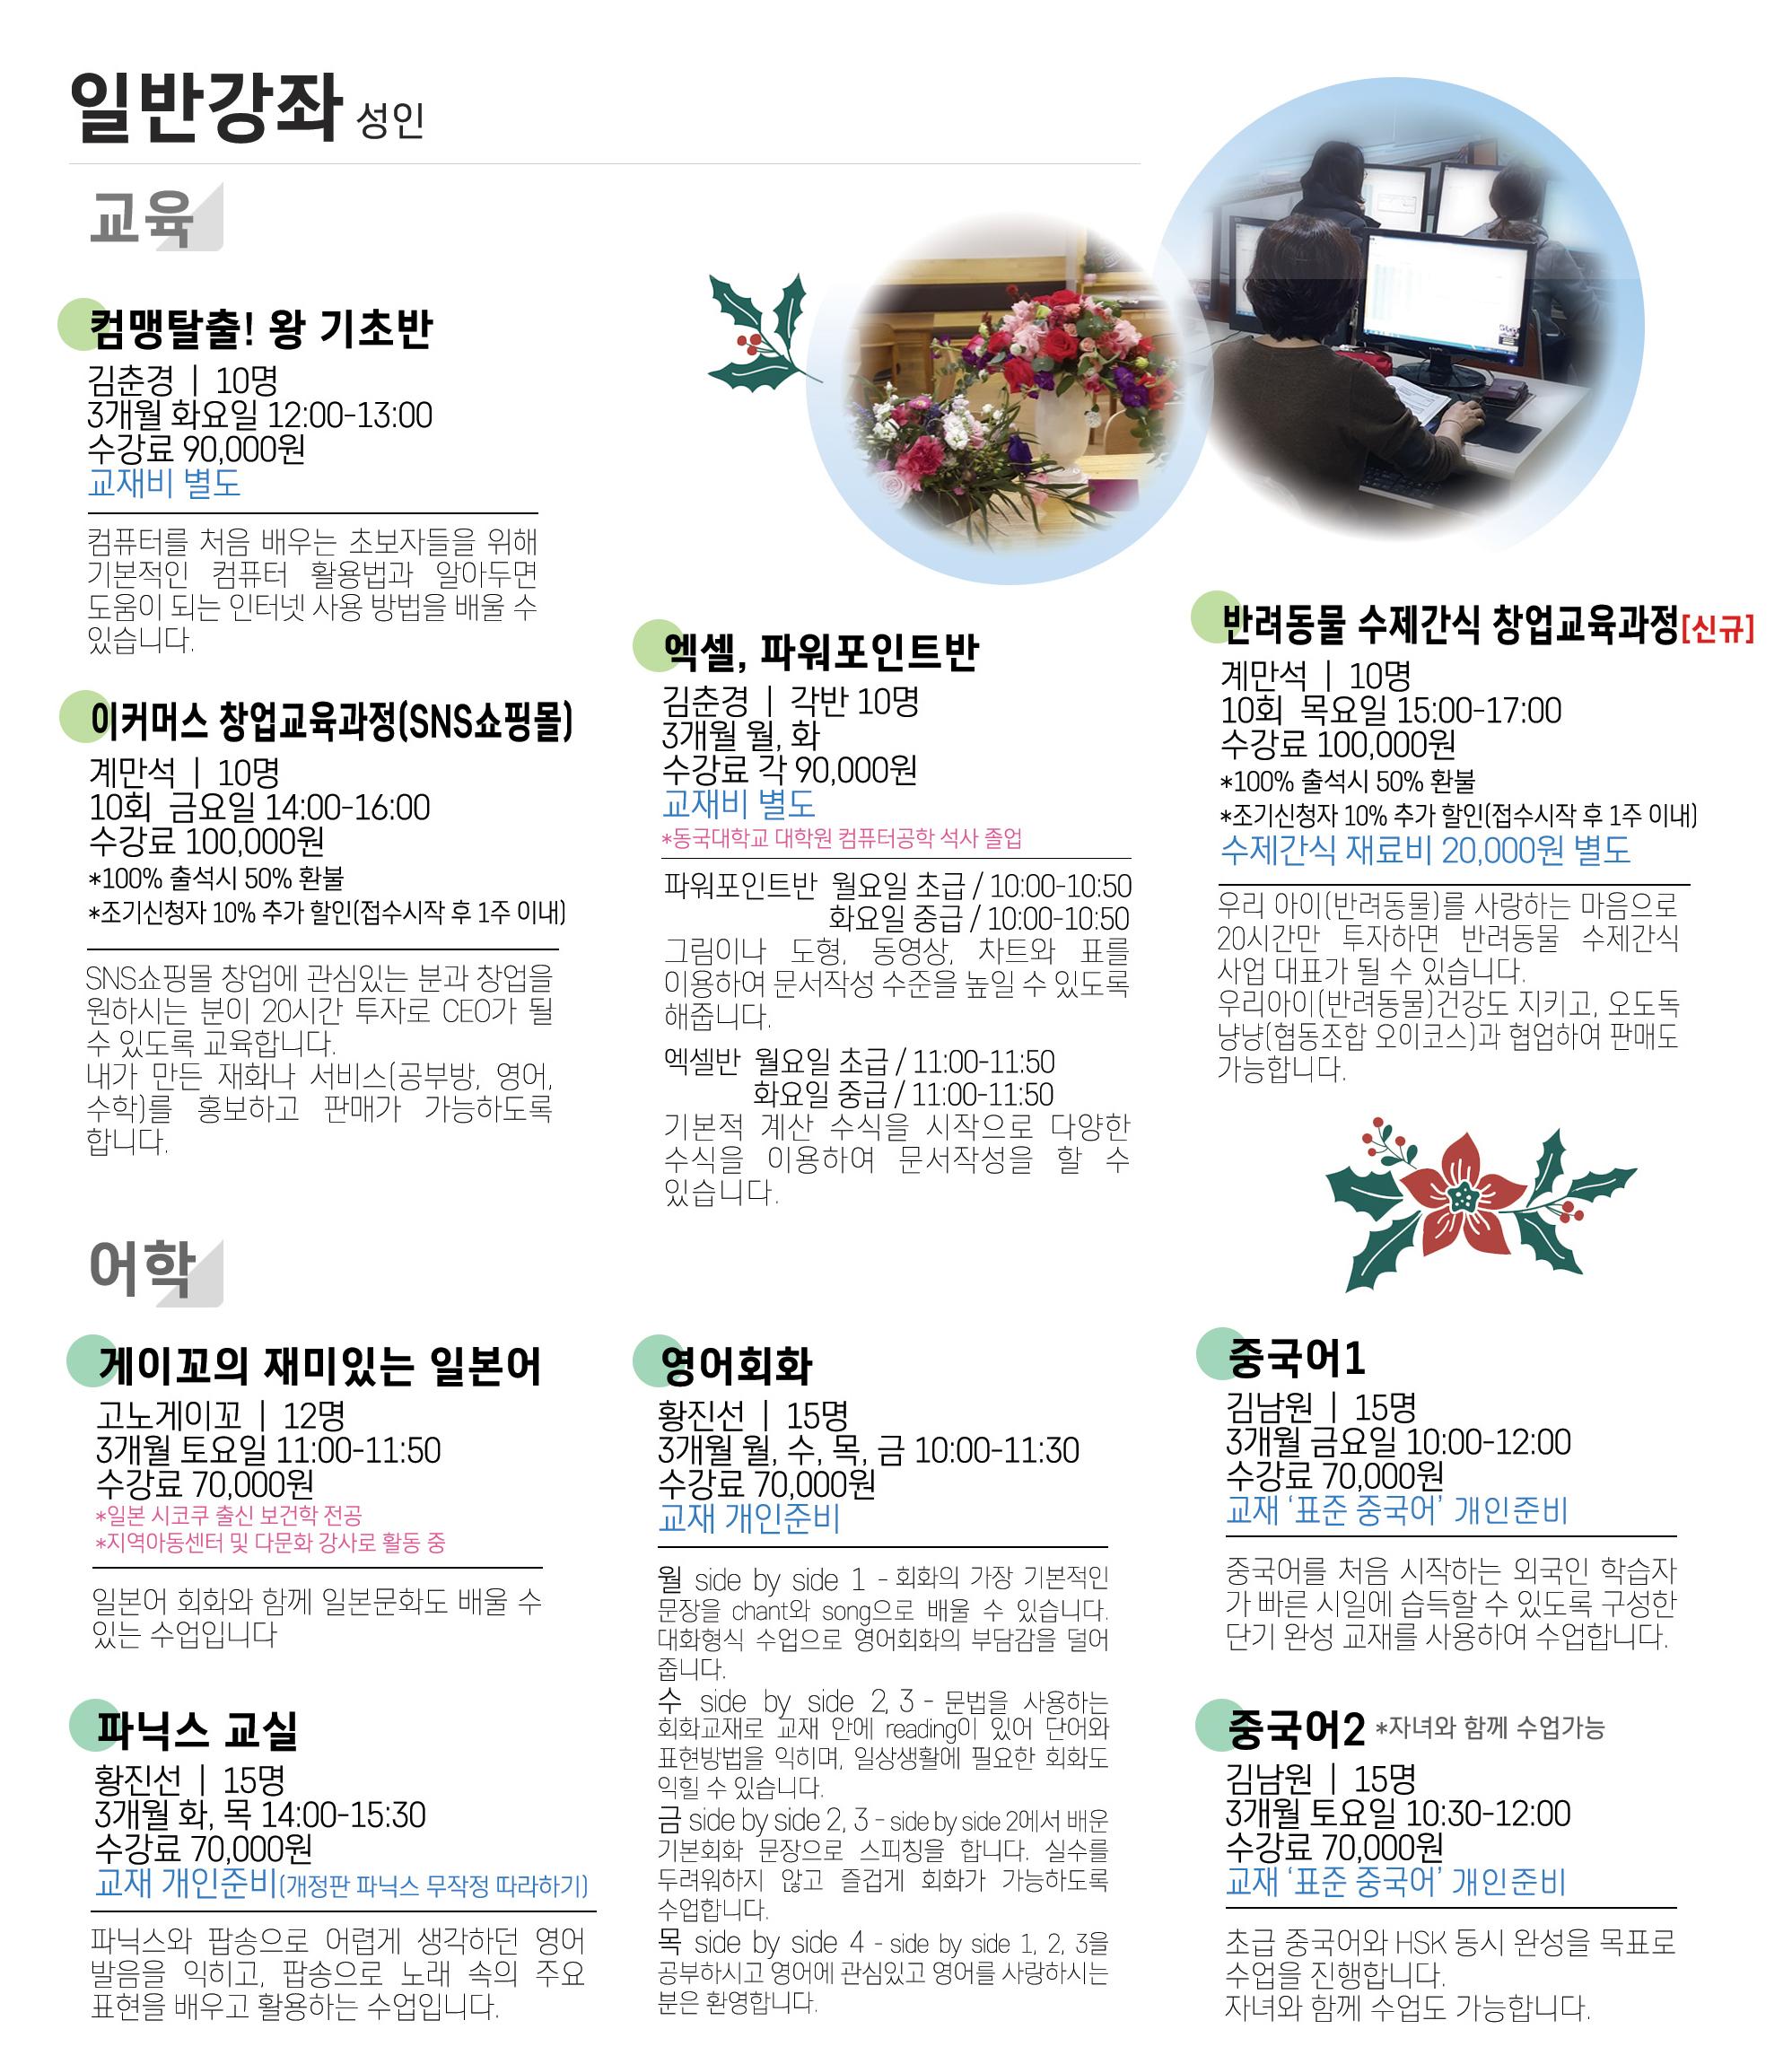 02.-성인일반강좌_교육,어학.jpg